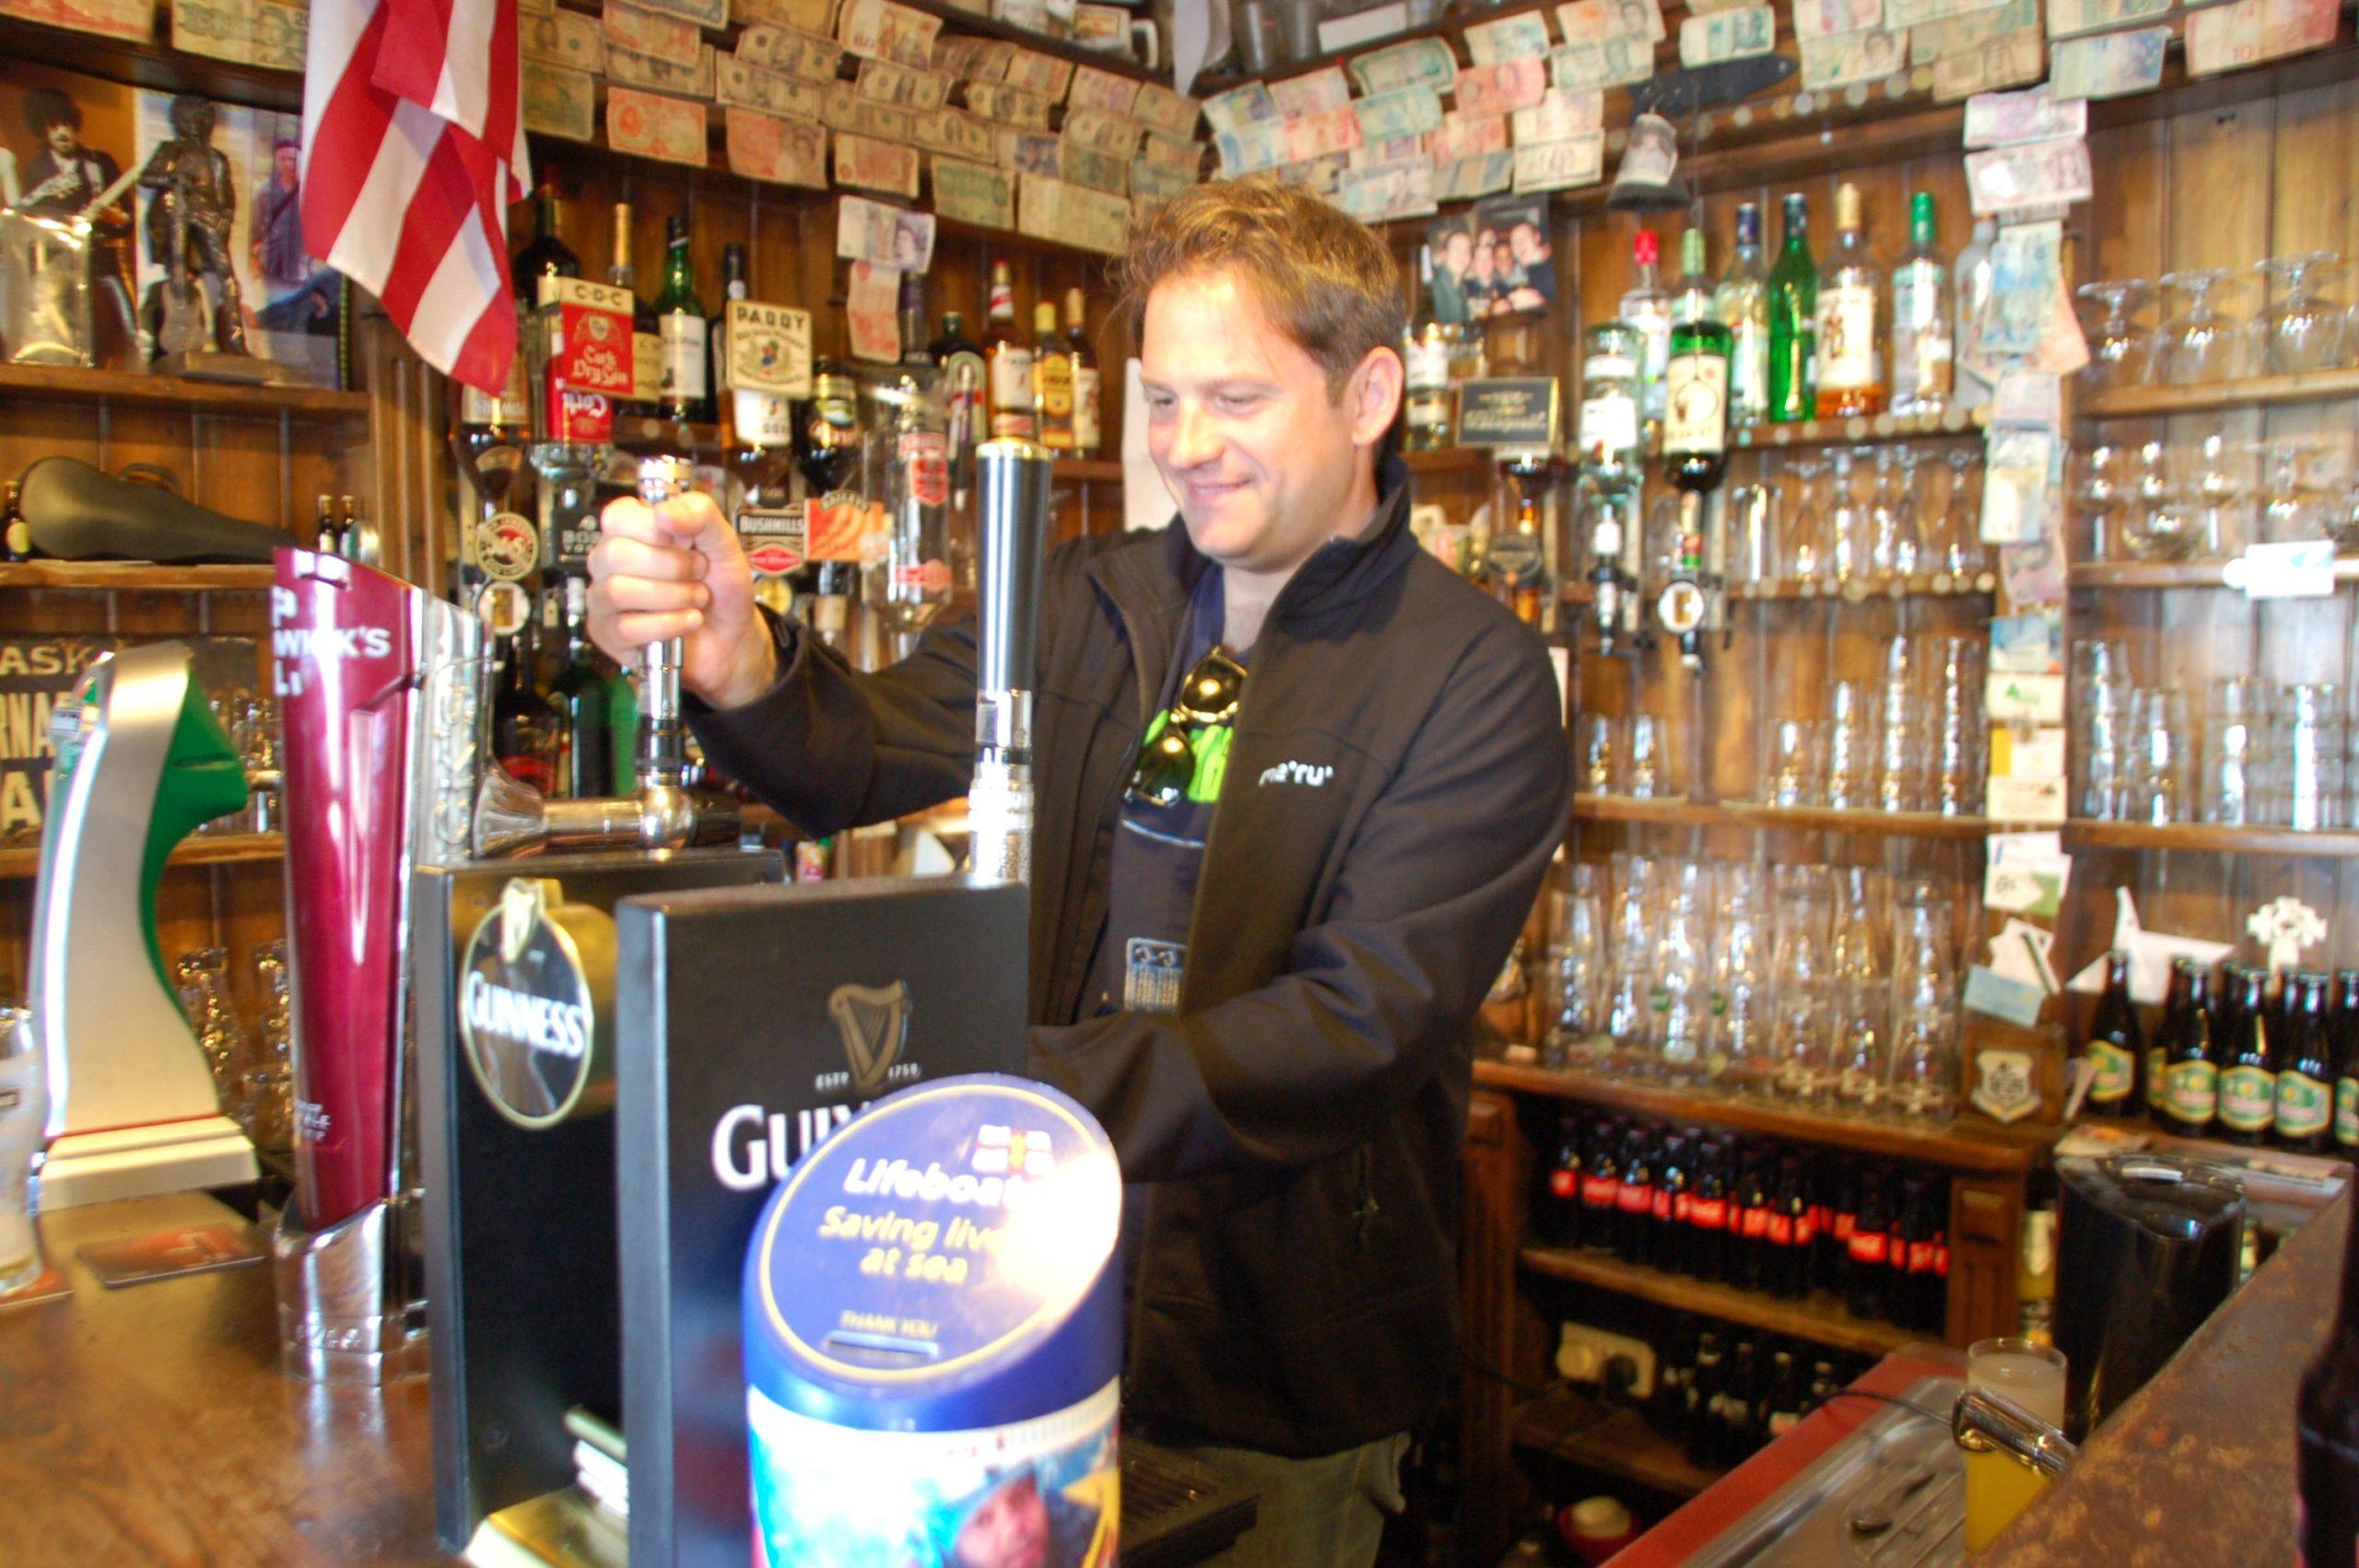 Autor Ralf Johnen zapft ein Guinness in der Kneipe Lynott